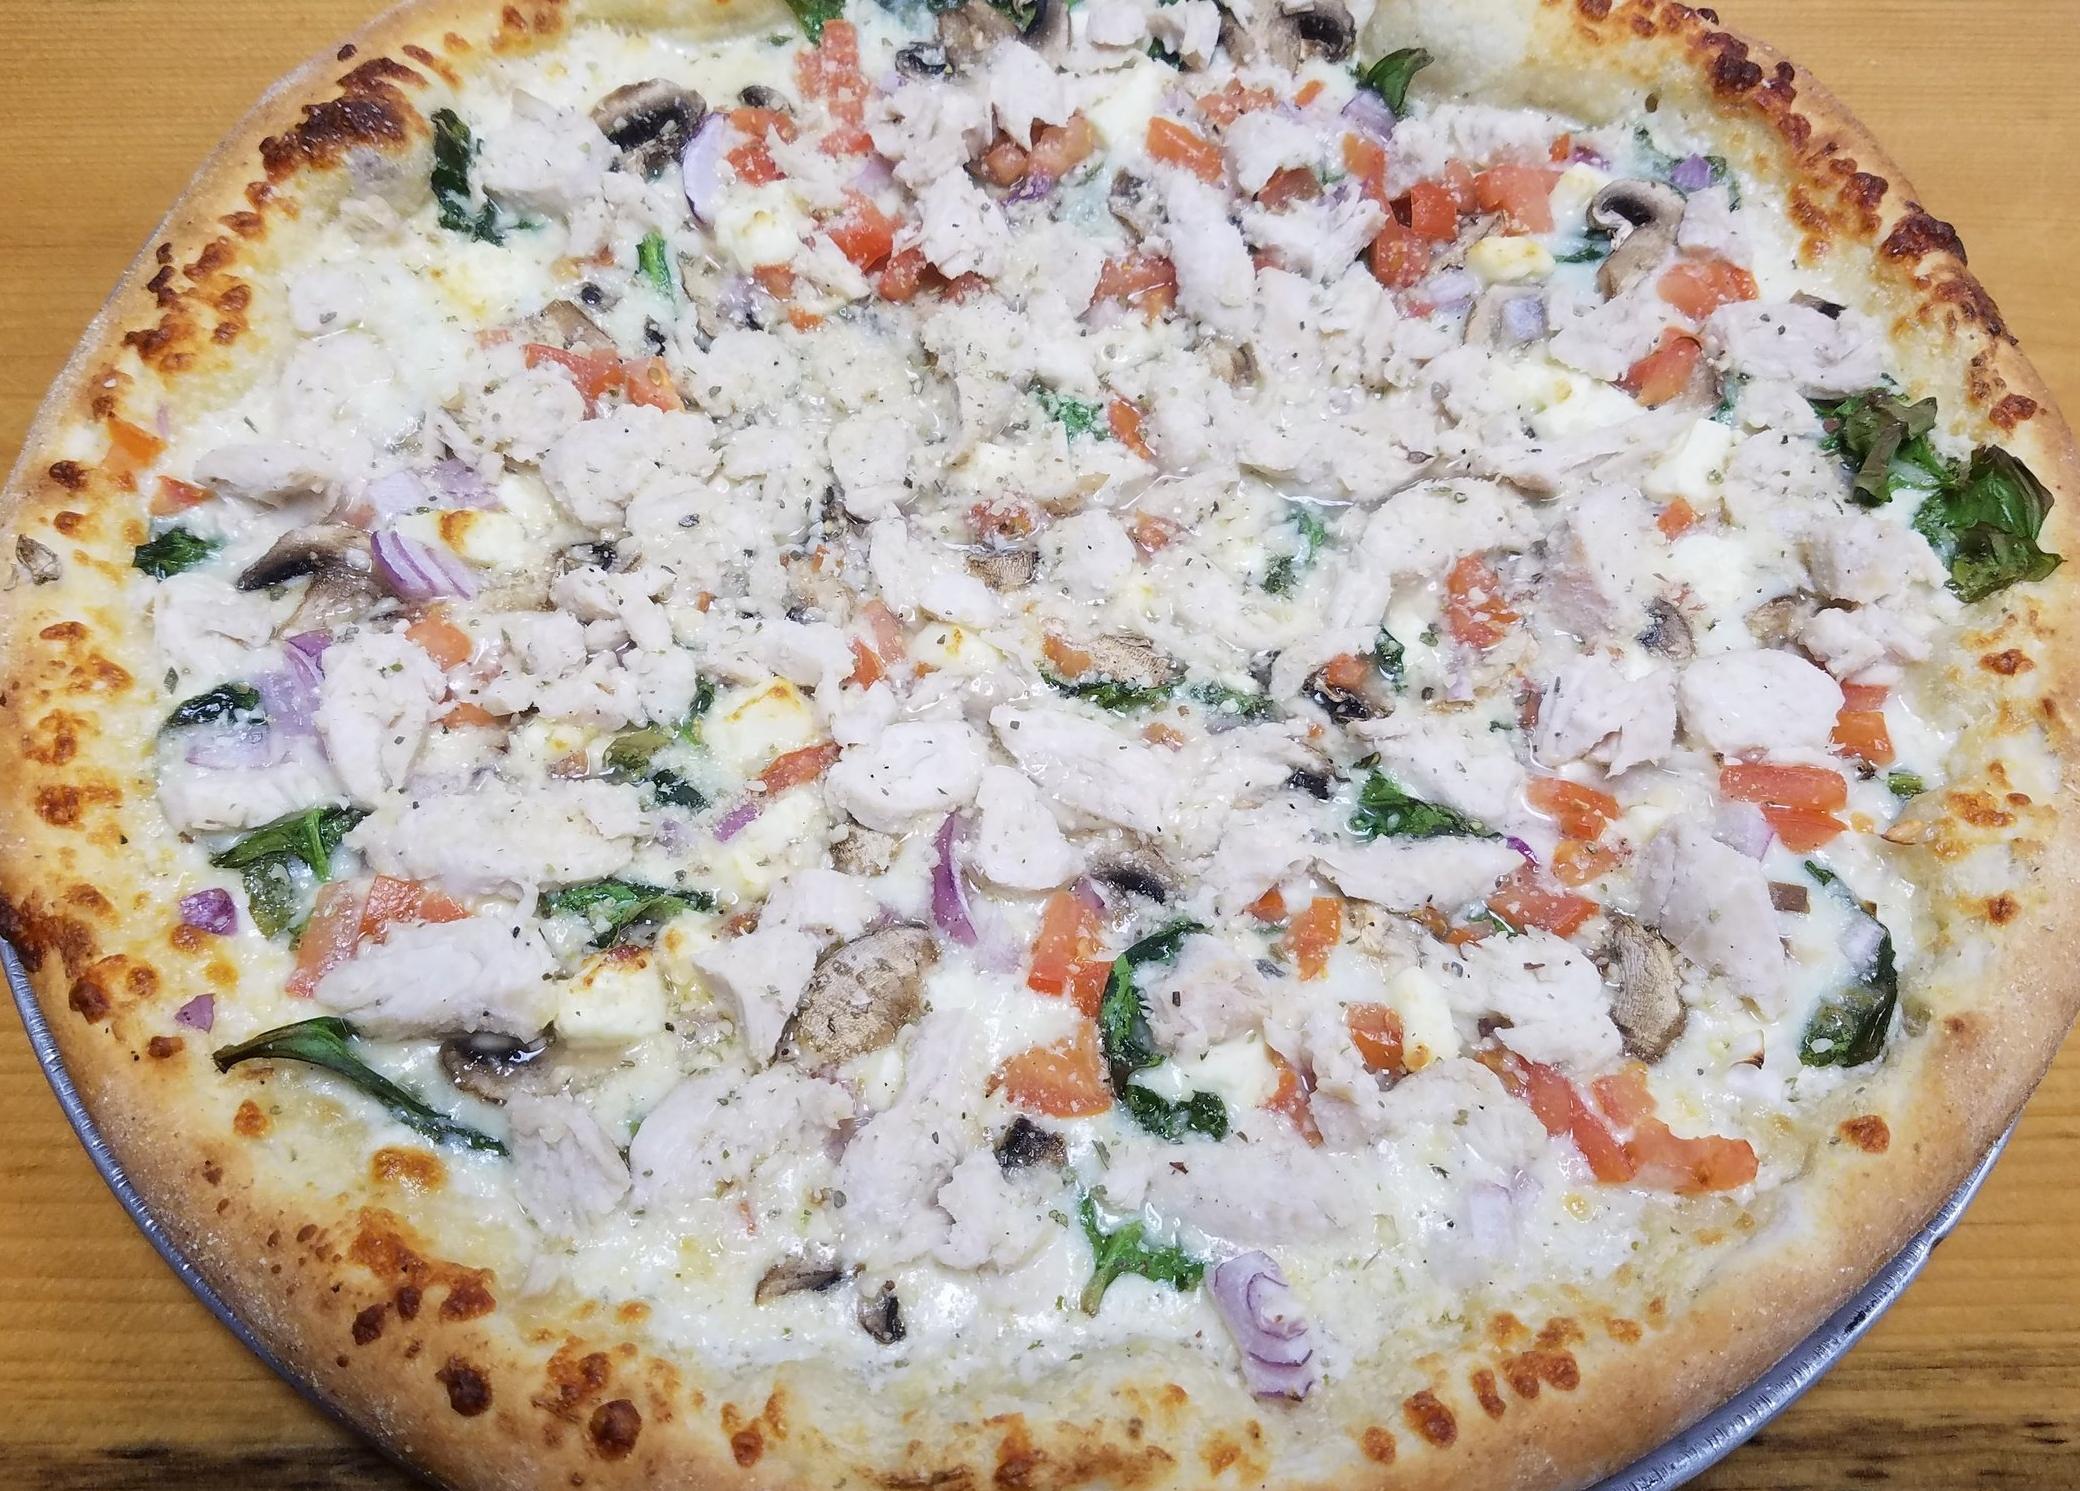 Garden Alfredo  Alfredo, cheese, spinach, mushroom, onion, tomato, feta. Add chicken sm $1.25 lg $2.25  S 9.50  L 18.99